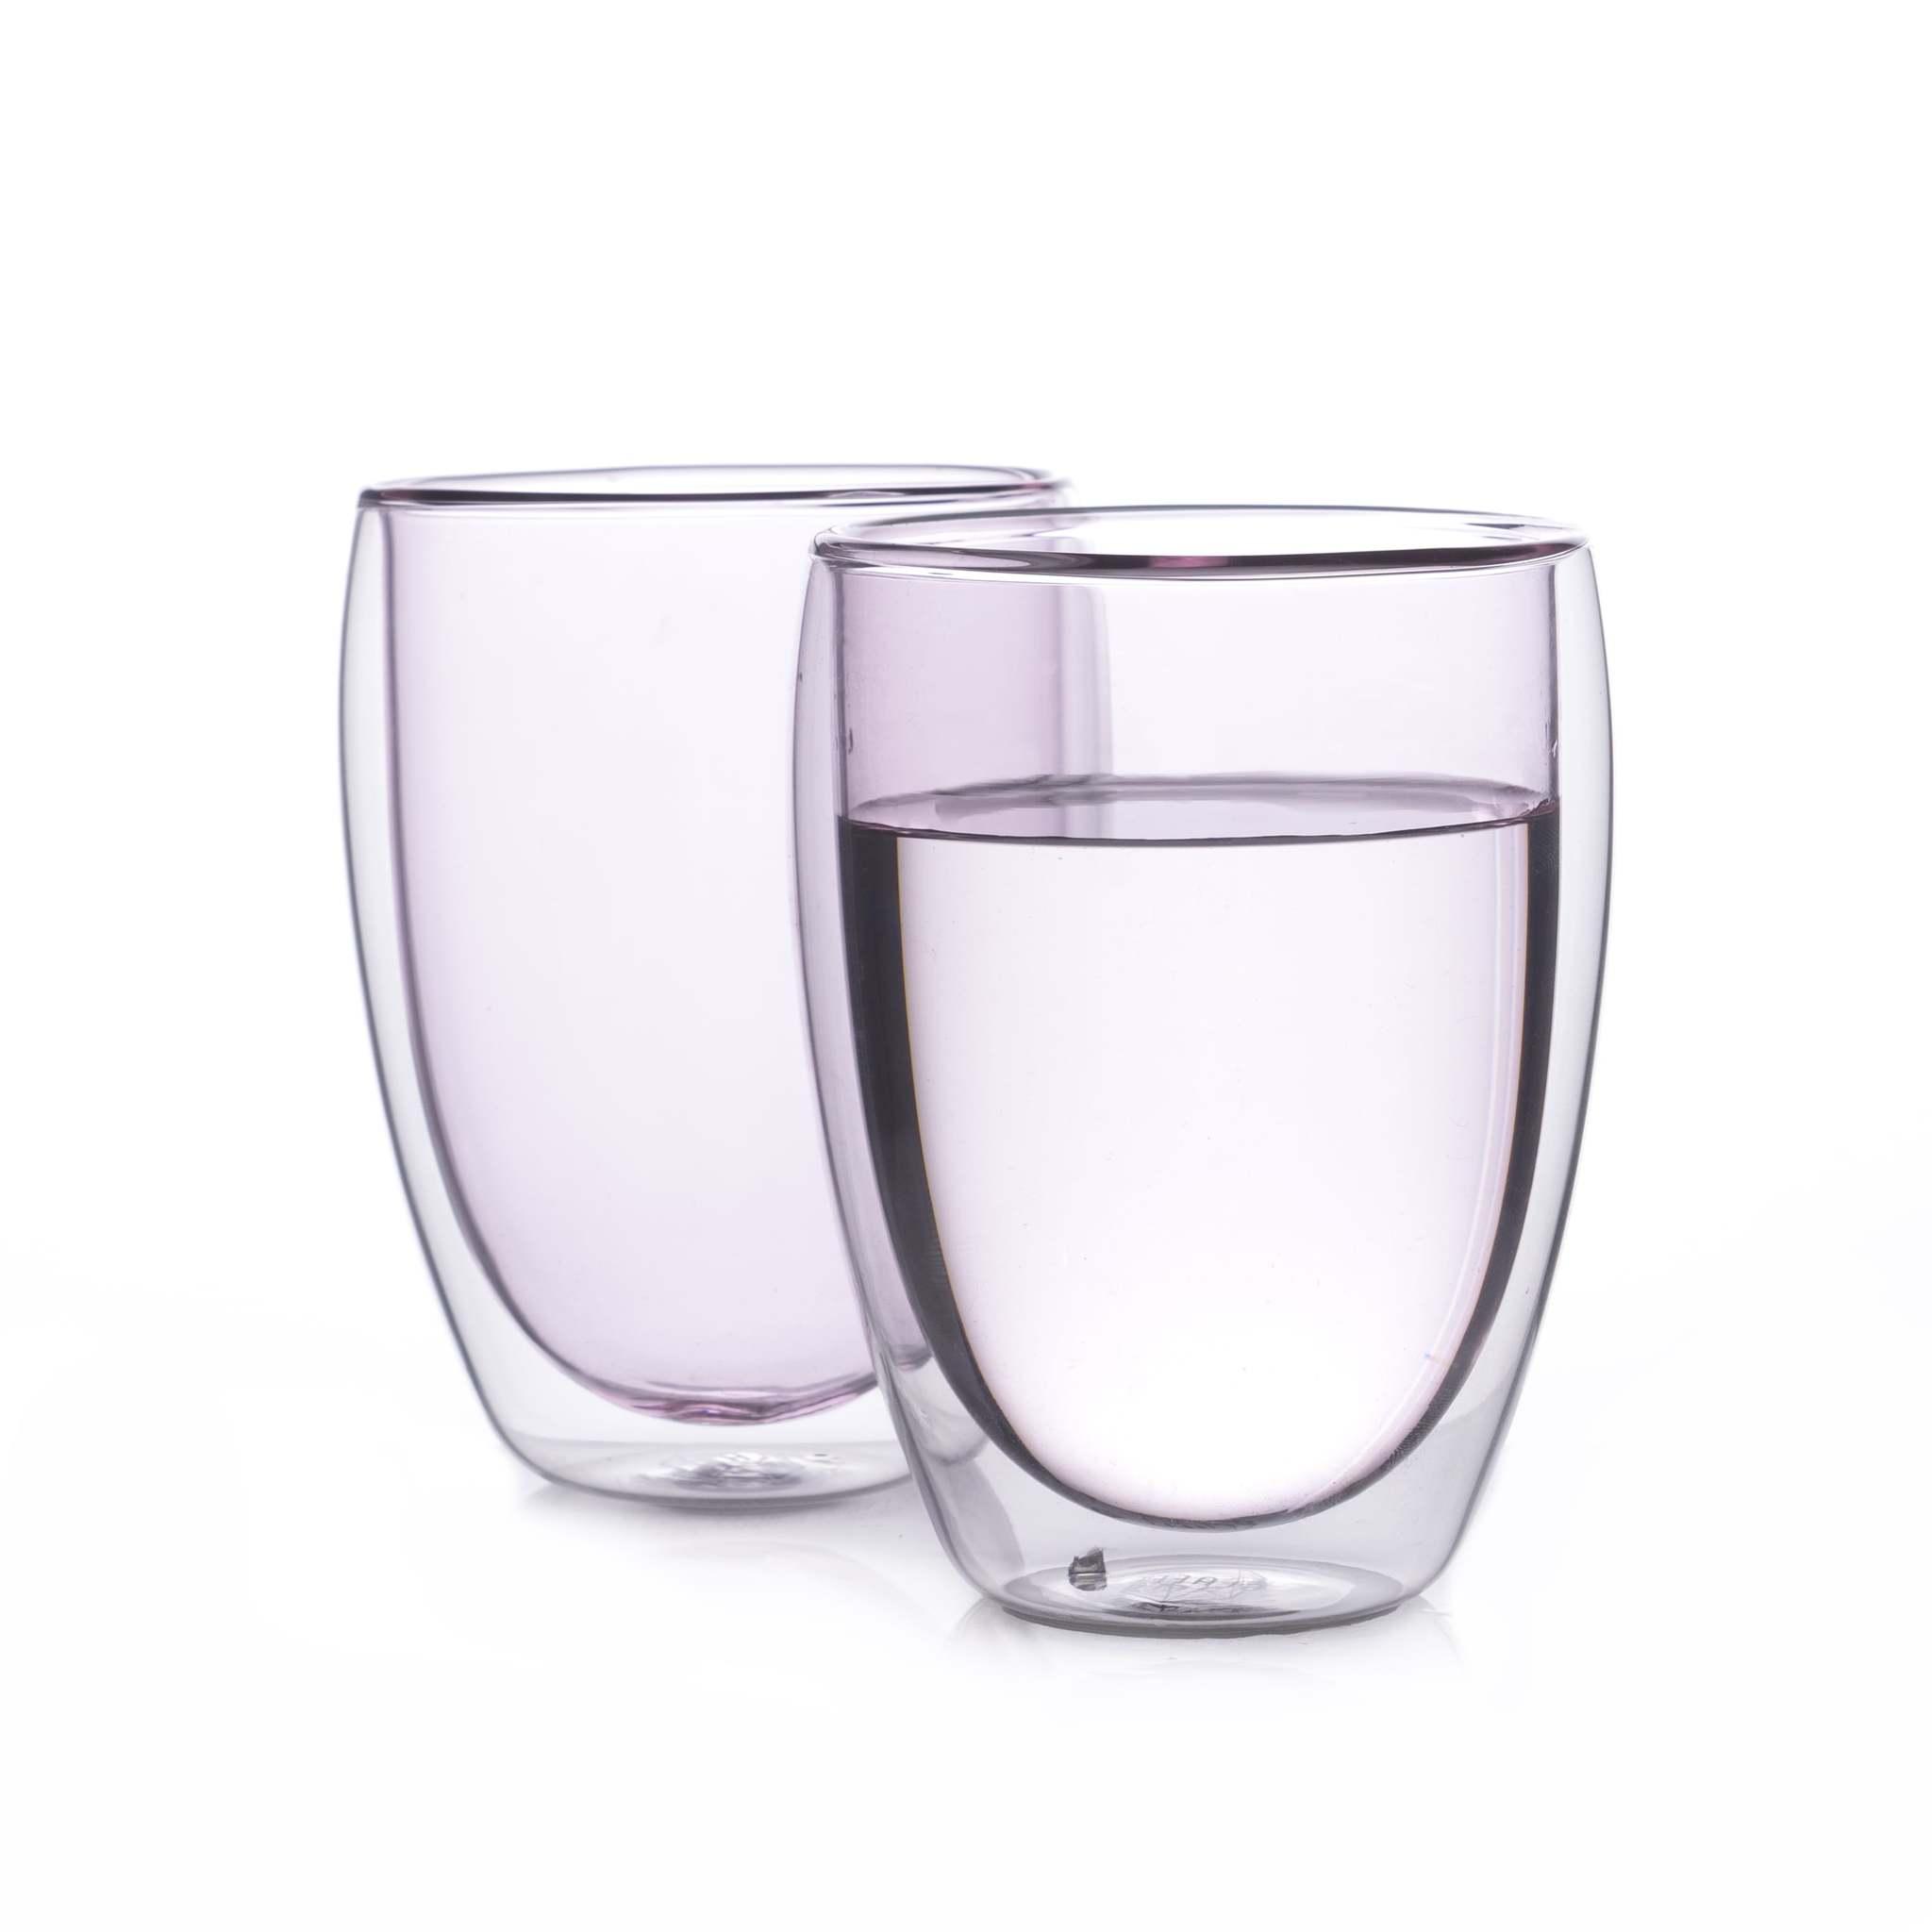 Цветные стаканы и кружки Набор стаканов из двойного стекла розового цвета 350 мл, 2 шт. розовый2-min.jpg